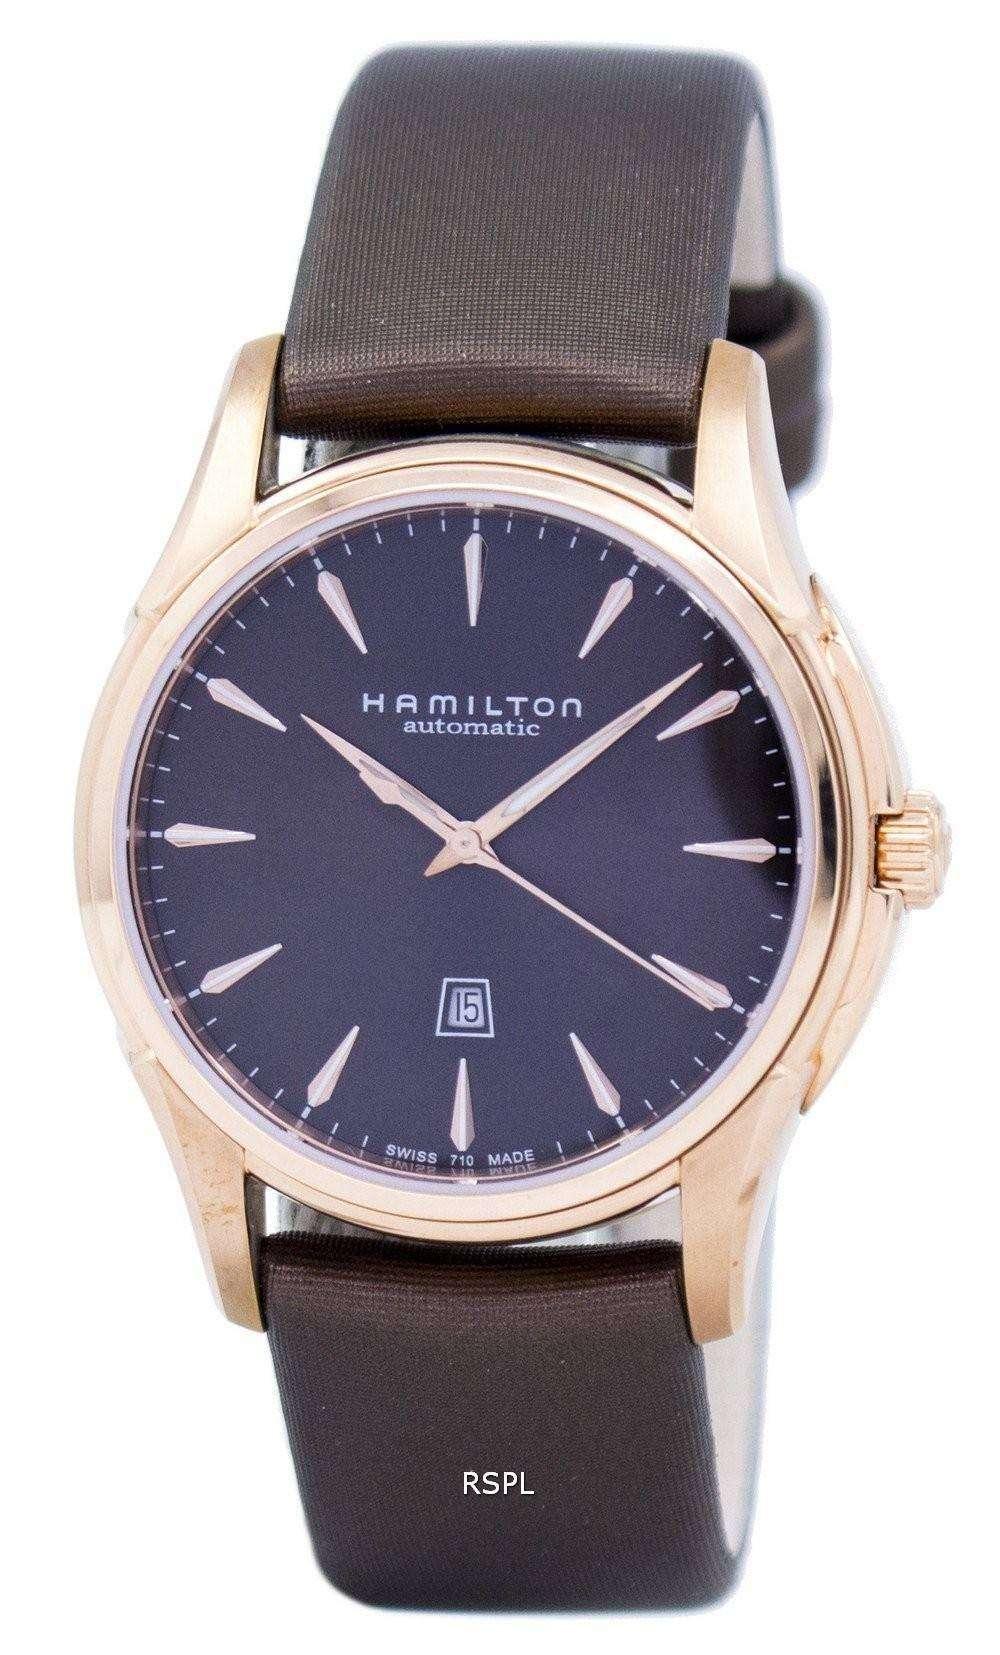 ハミルトン ジャズ マスター ビューマ チック自動 H32335971 レディース腕時計